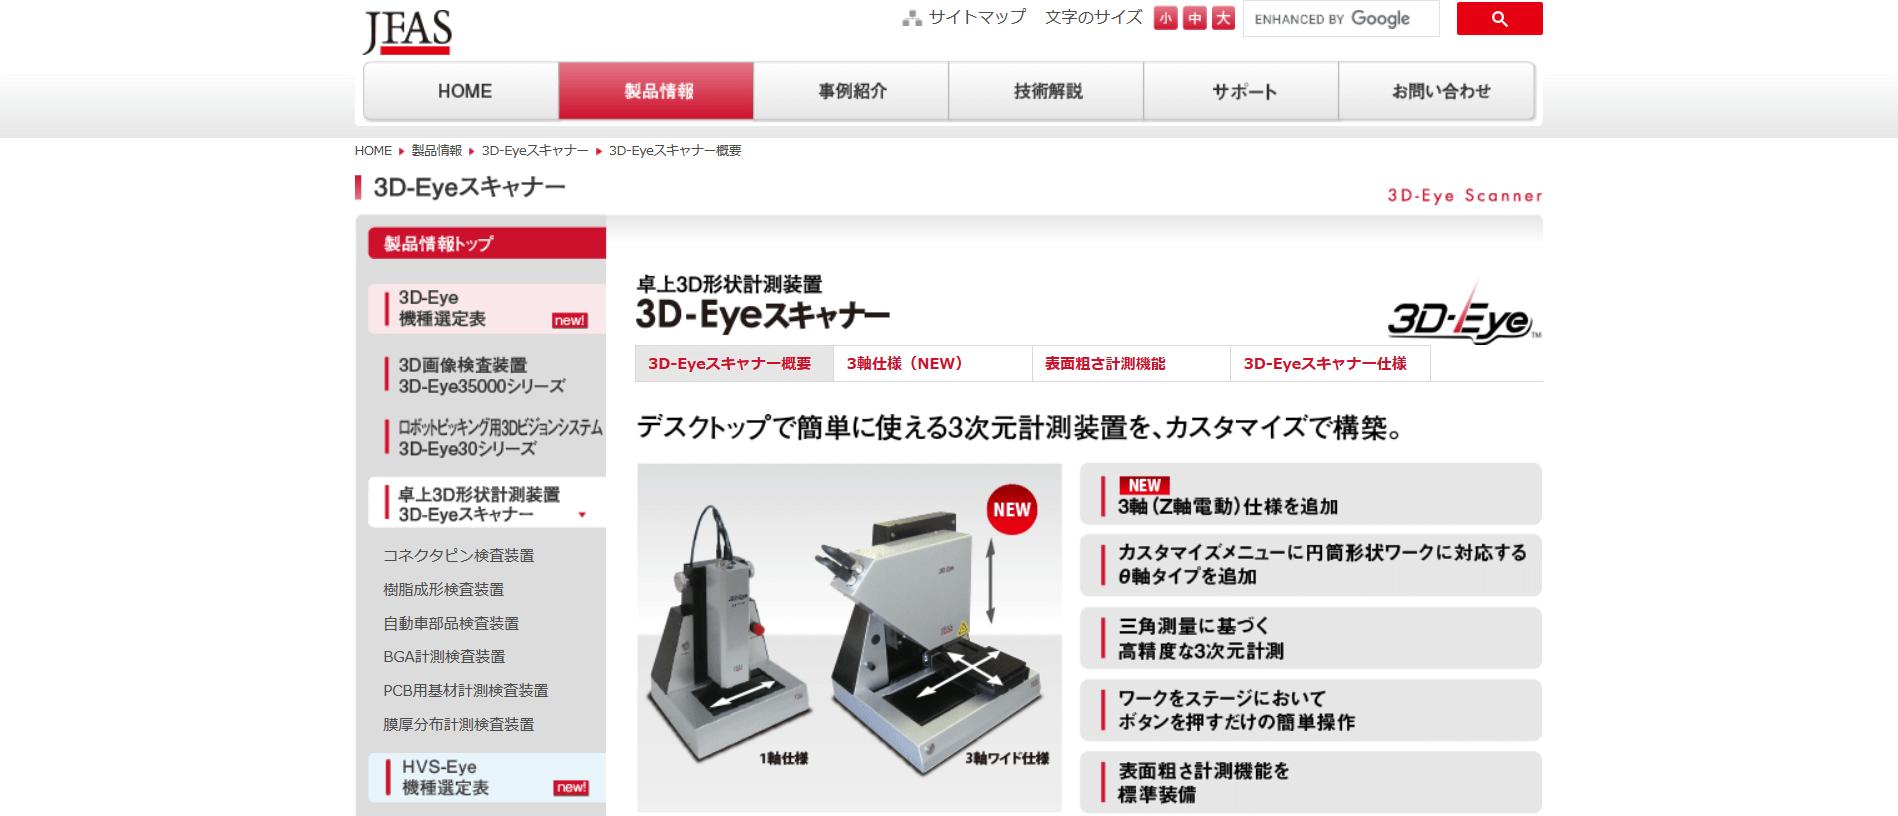 3D-Eyeスキャナー